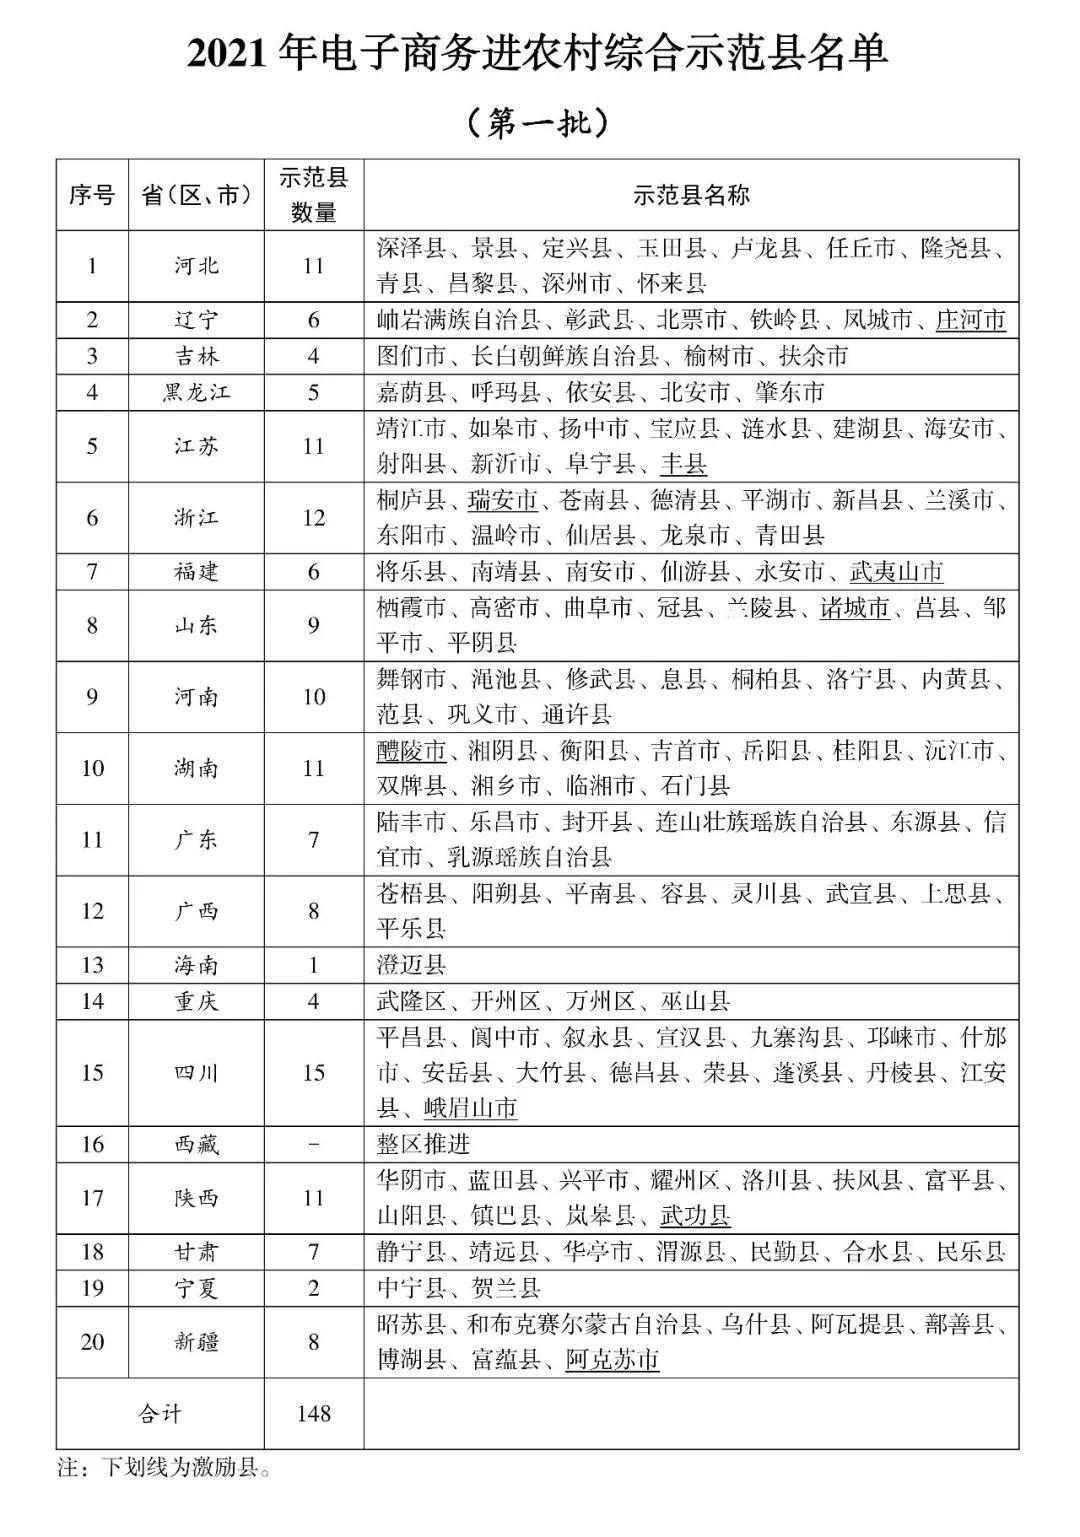 2021年电子商务进农村综合示范县名单(第一批)